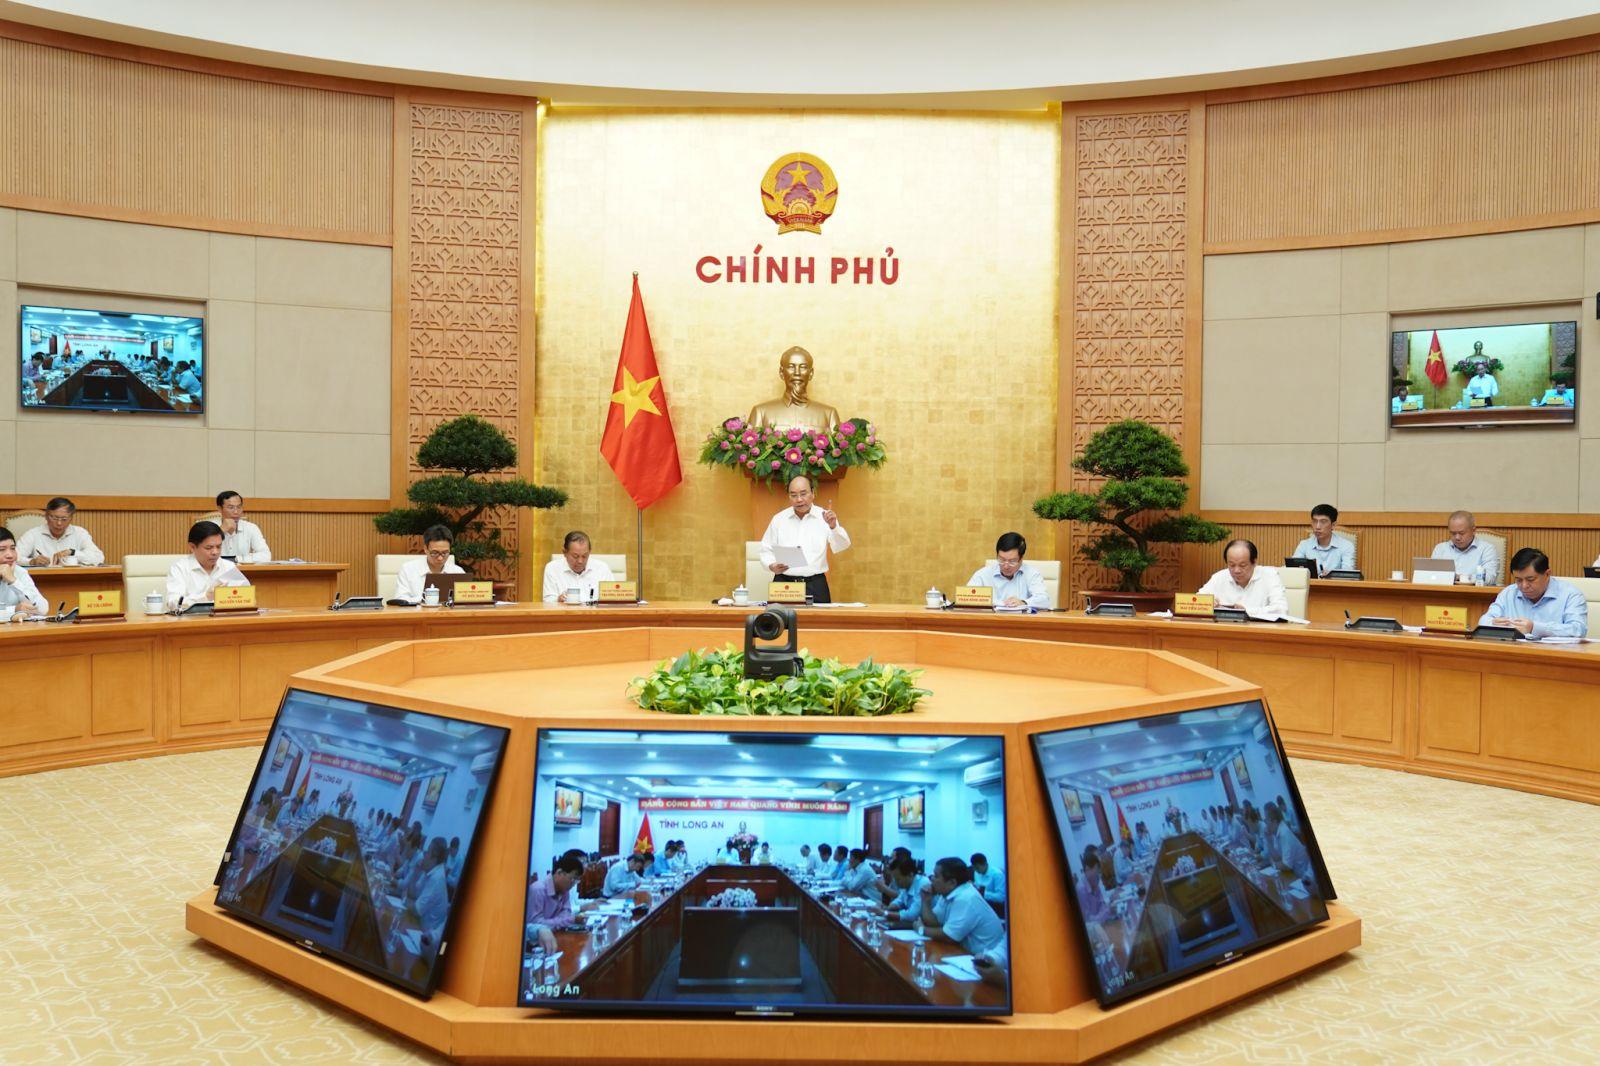 Thủ tướng Nguyễn Xuân Phúc chủ trì phiên họp trực tuyến Thường trực Chính phủ với các địa phương về giải ngân vốn đầu tư công sáng 16-7-2020. Ảnh VGP/Quang Hiếu